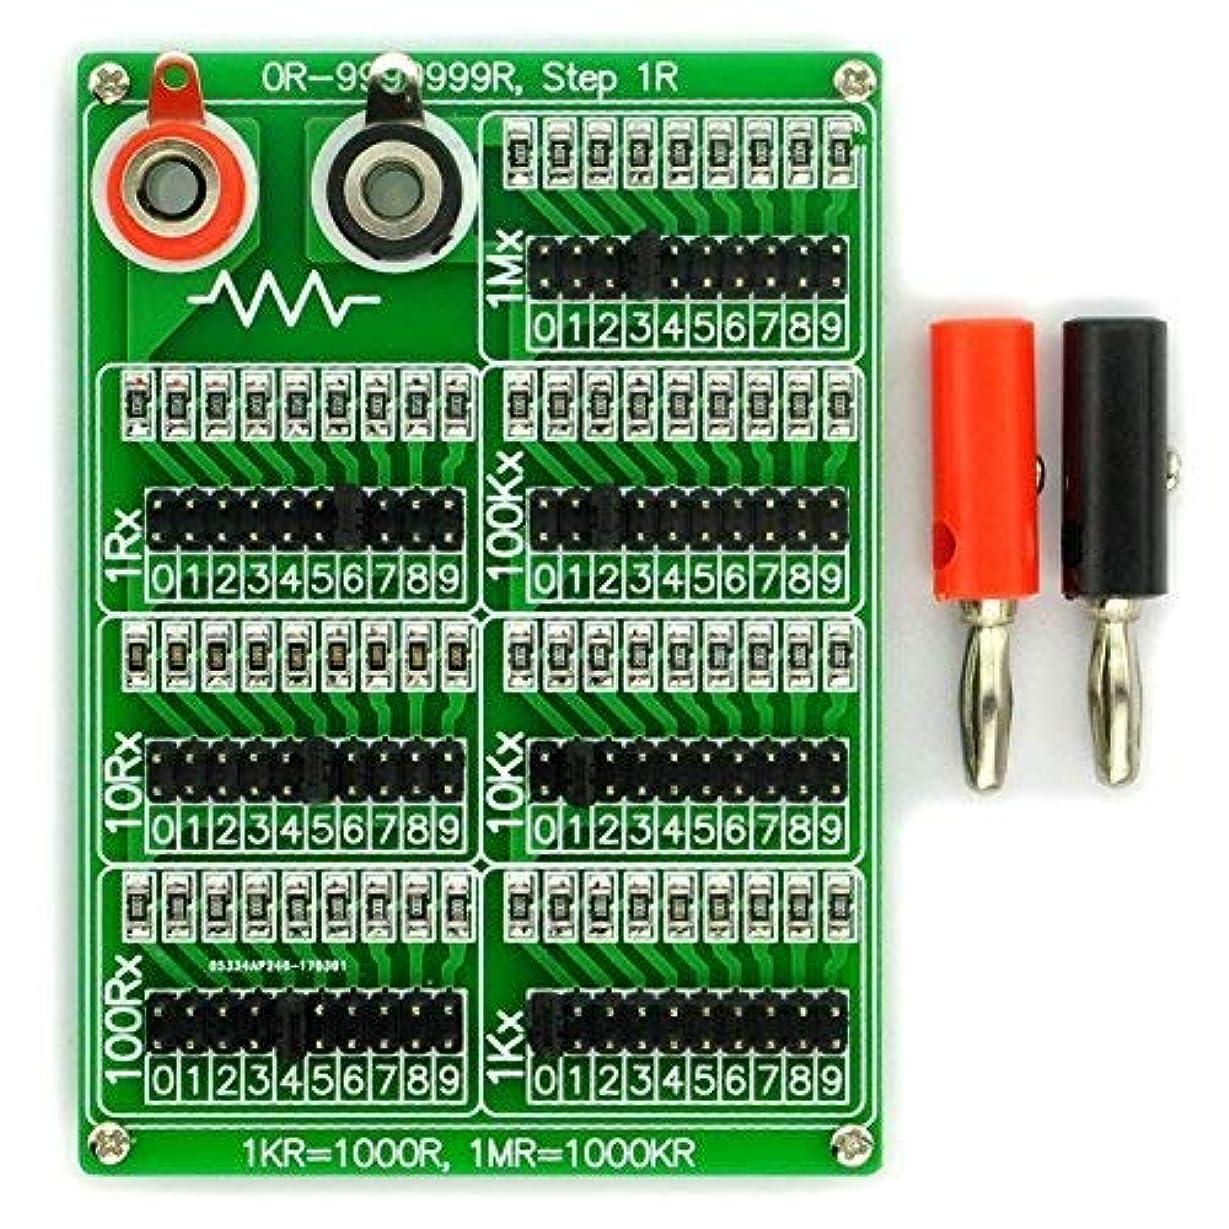 農奴定義重大Electronics-Salon 1R - 9999999r 7十年 プログラマブル抵抗基板 ステップ1R 1%、1/4ワット